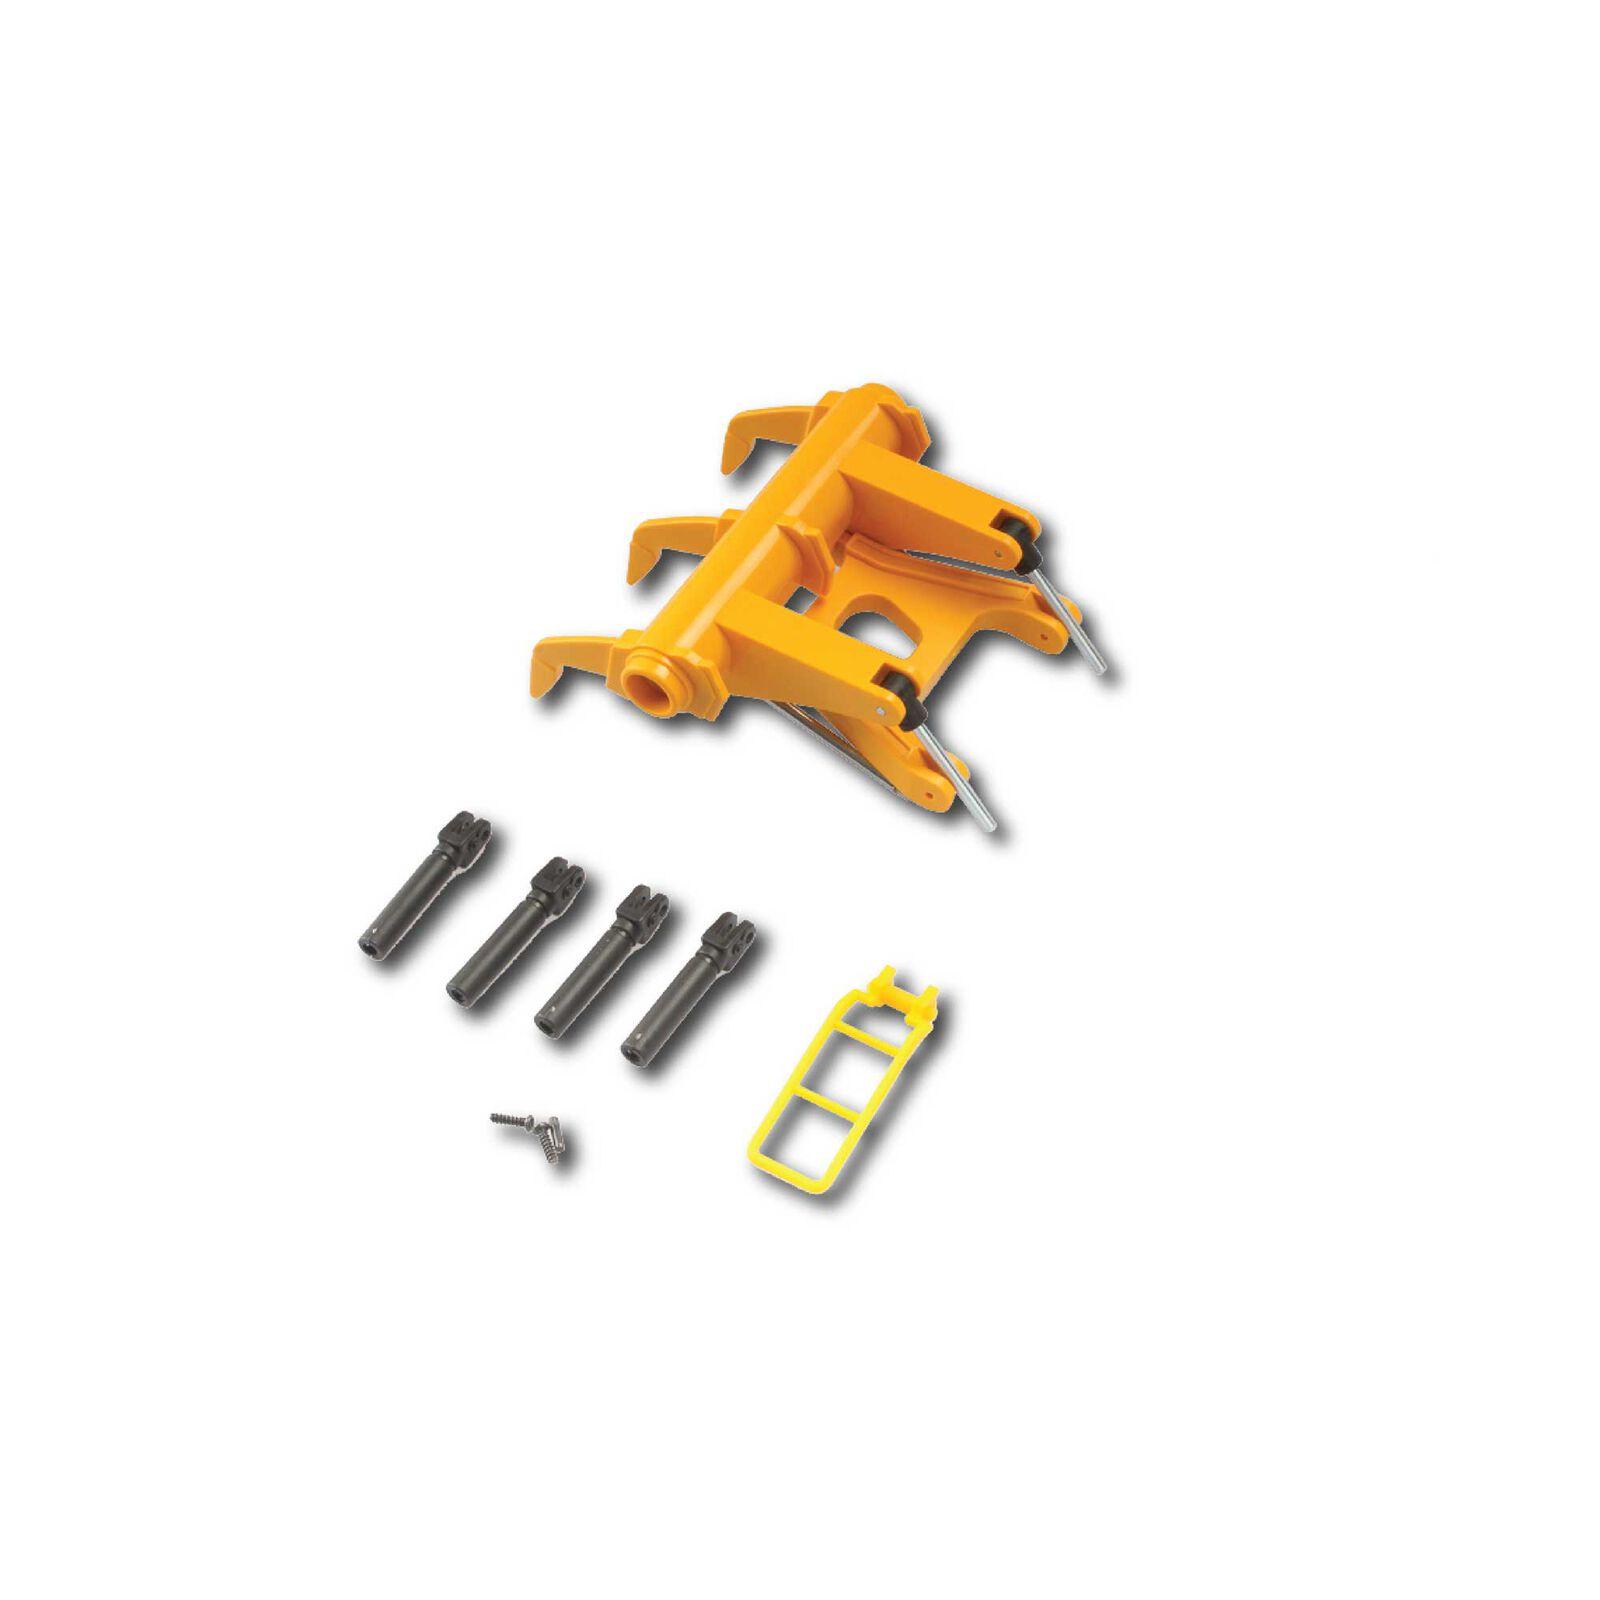 Rear Ripper Ladder Replacement Kit: Caterpillar D7E Bulldozer